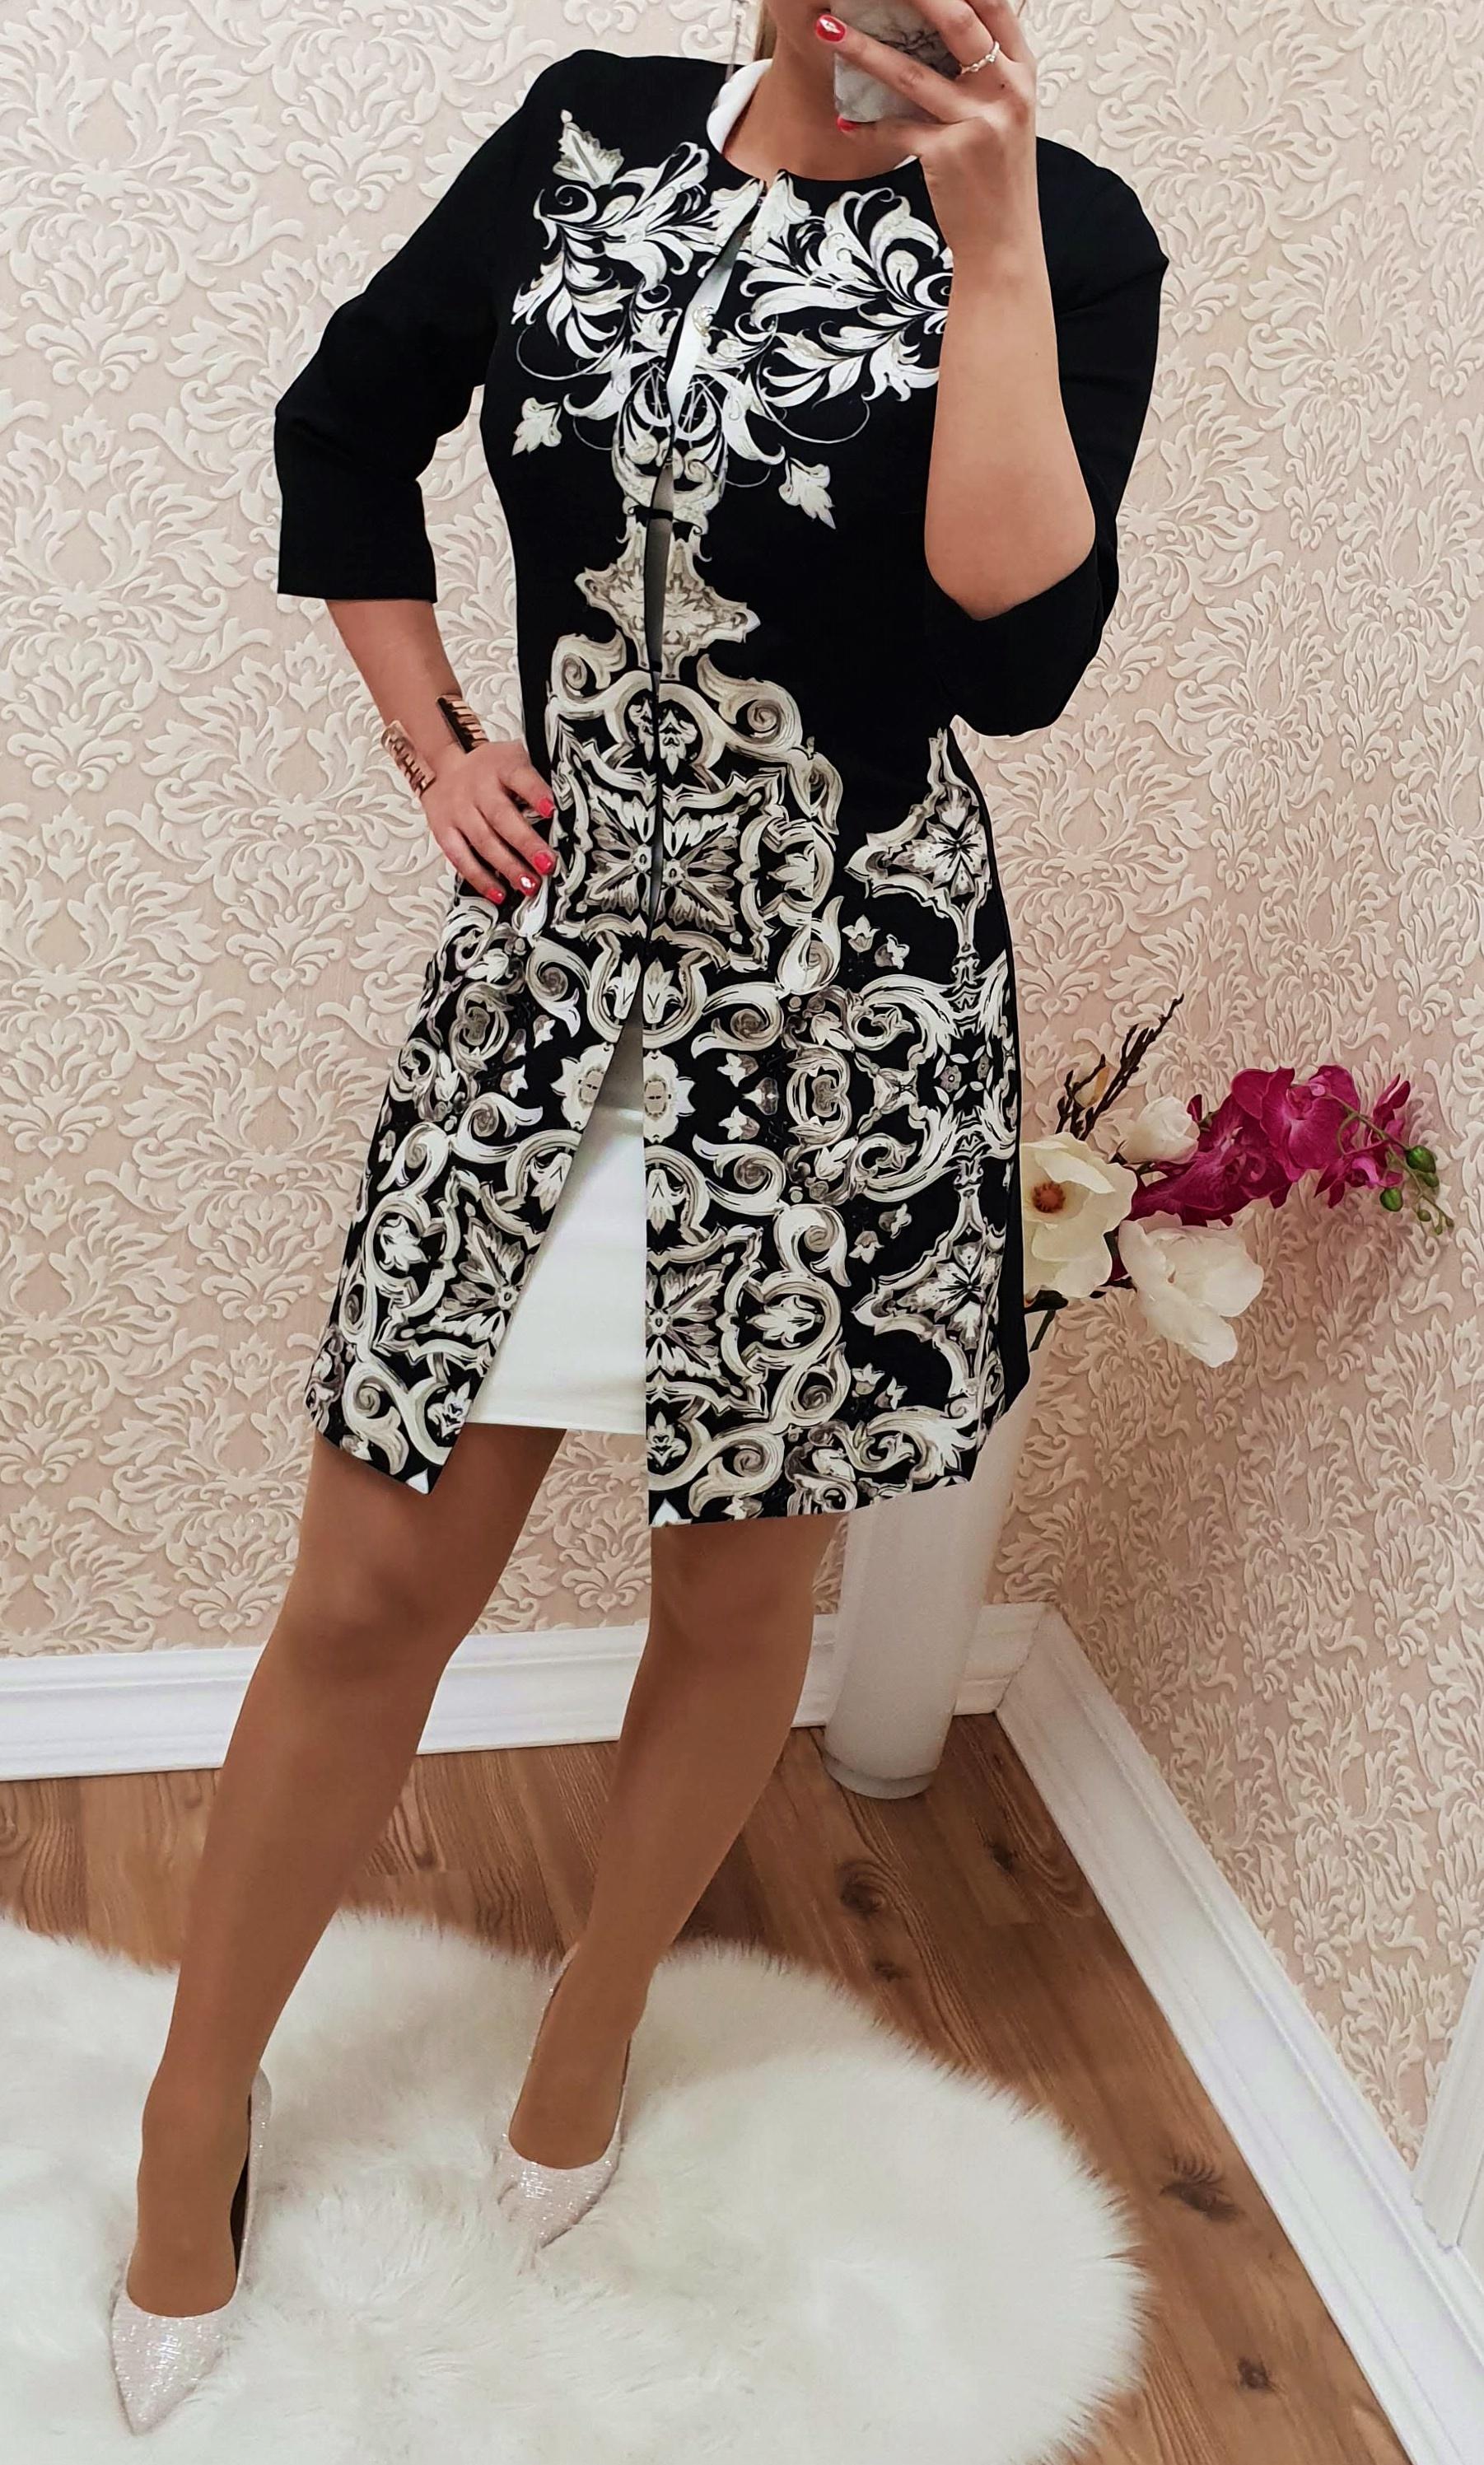 85662b1b0b Mintás hosszított elegáns kabát - Alkalmi Ruházat - Luna Gardrobe Női ruha  WebÁruház, Akciós - olcsó női ruha, Női ruha webshop, Online trendi -  divatos ...